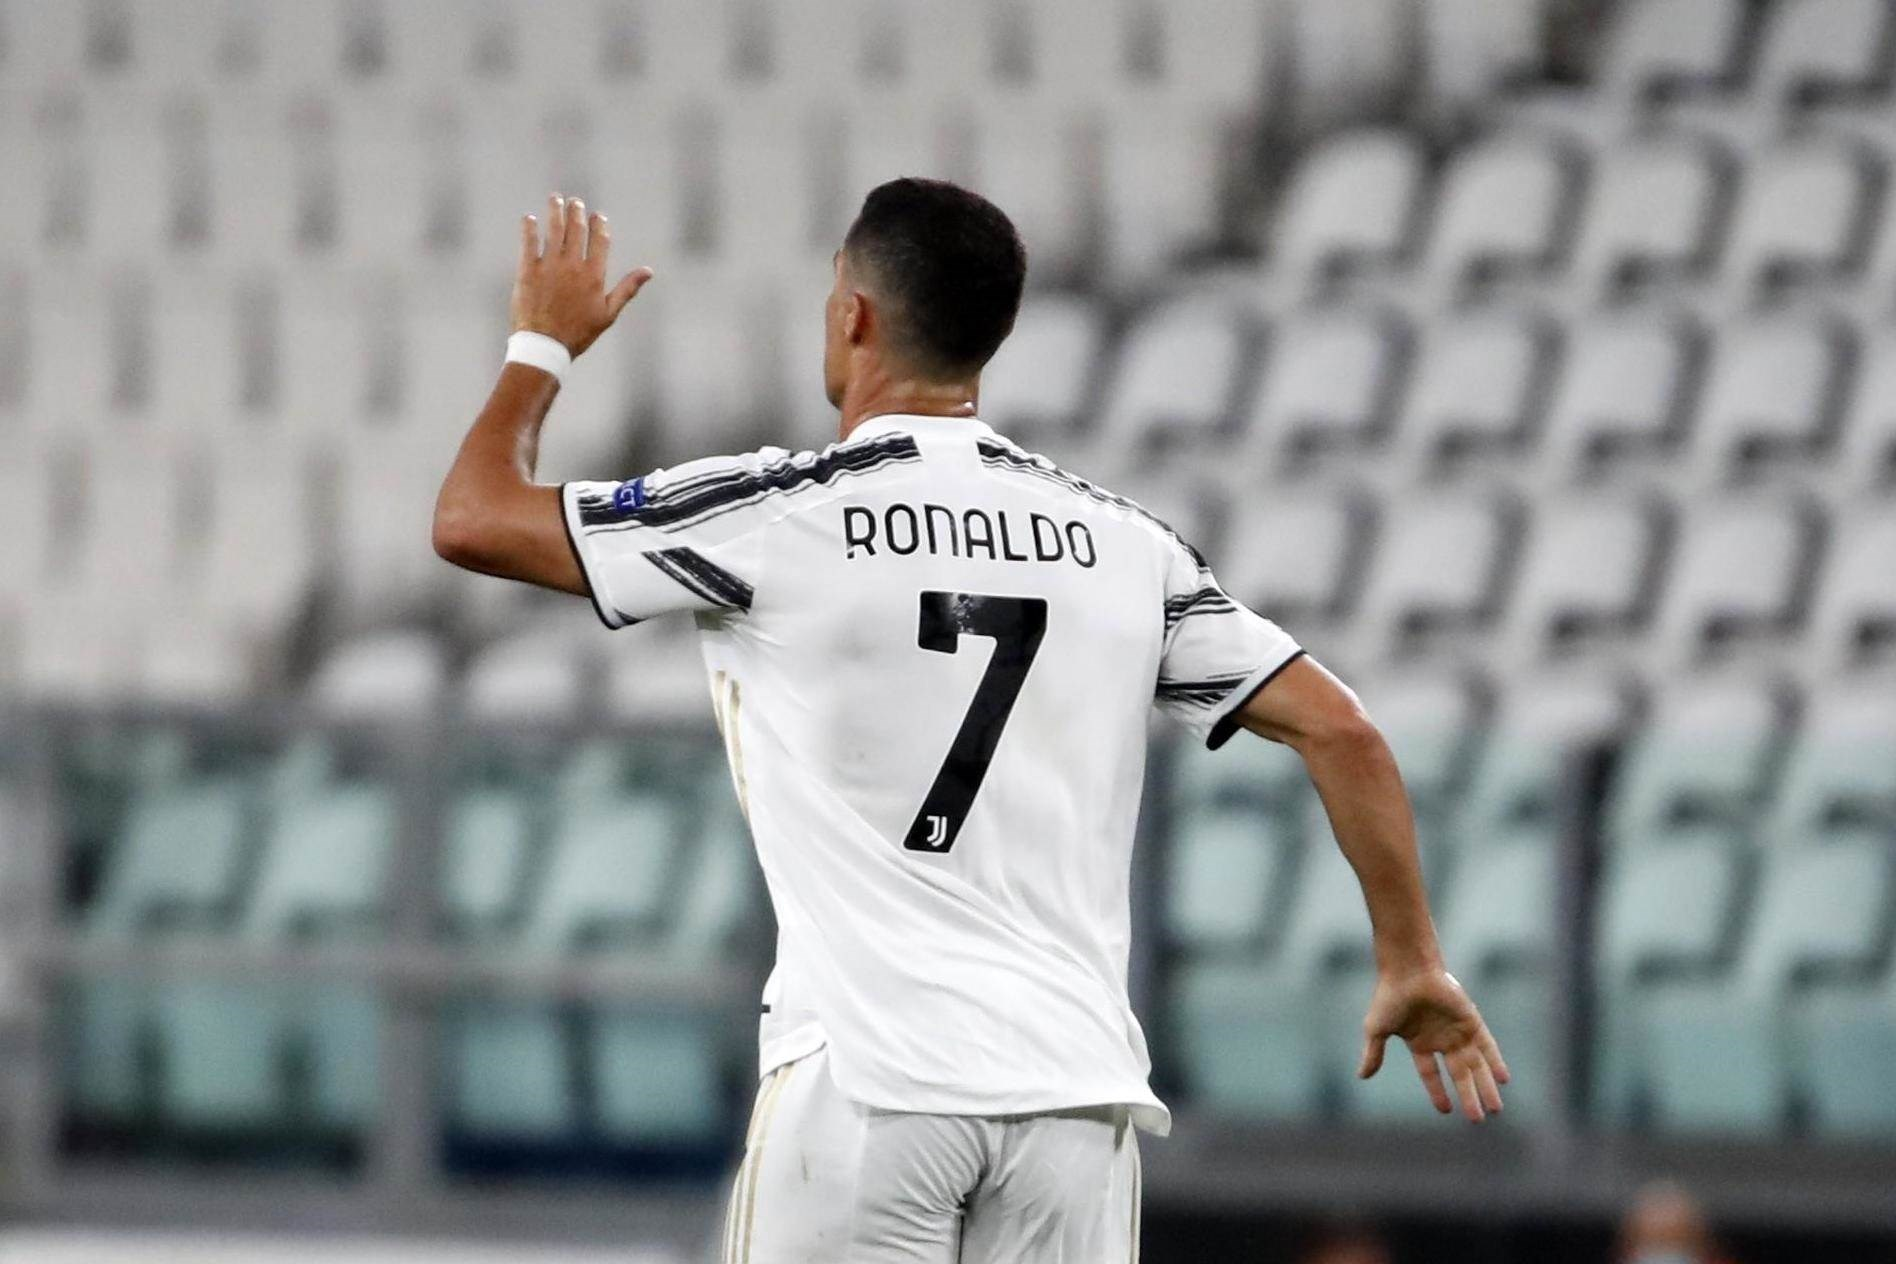 سجل رونالدو الهدف أمام ليون (أرشيف)